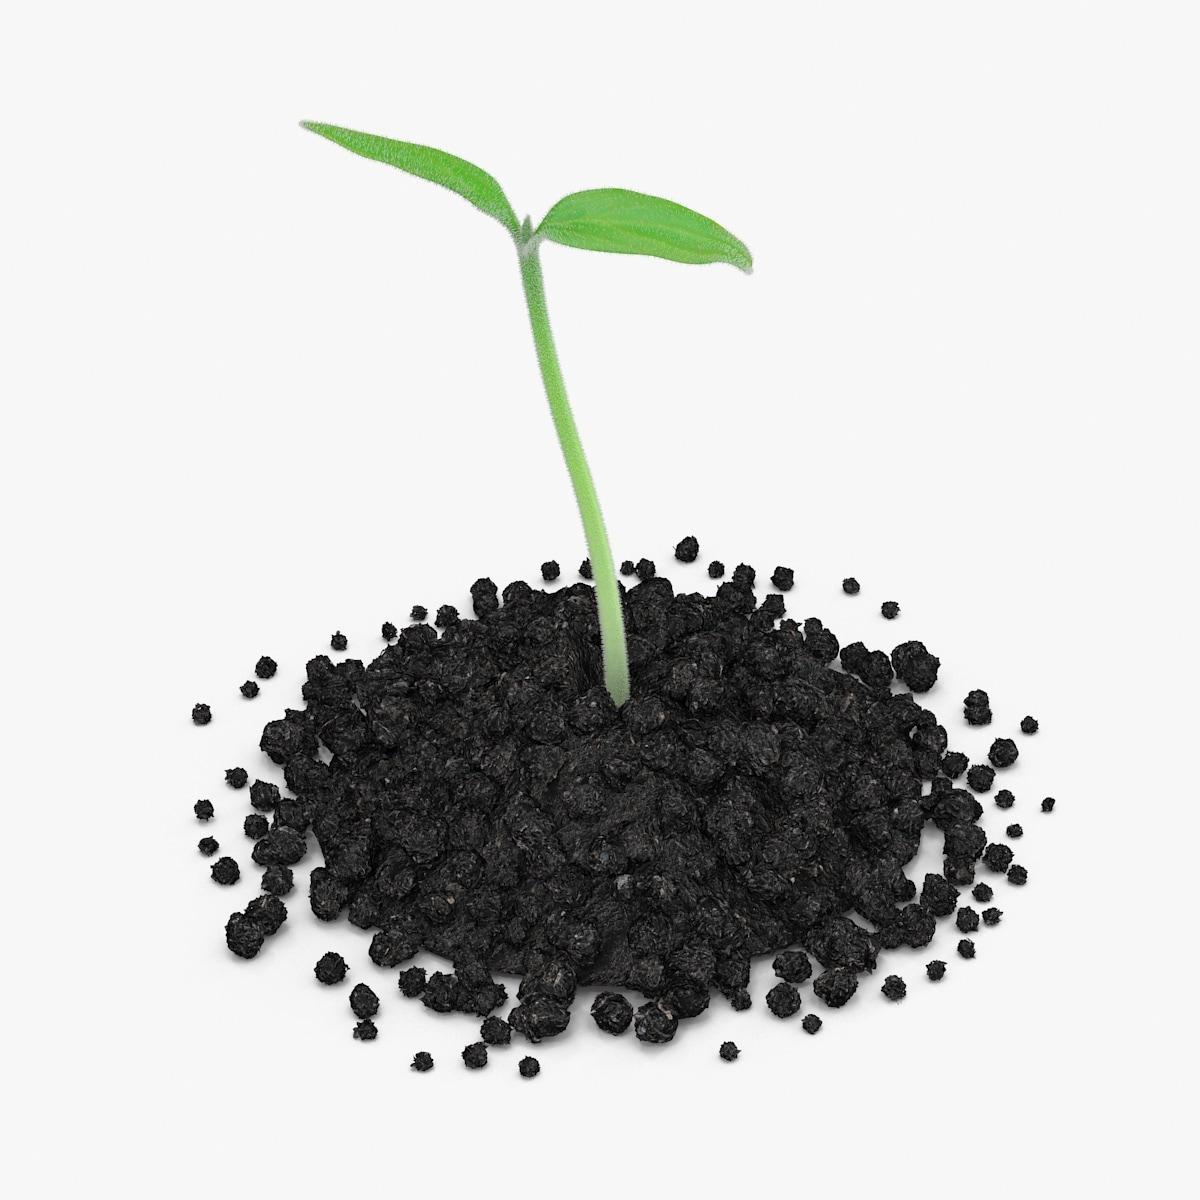 Plant_Sprout_05_SQRSignature_0000.jpg